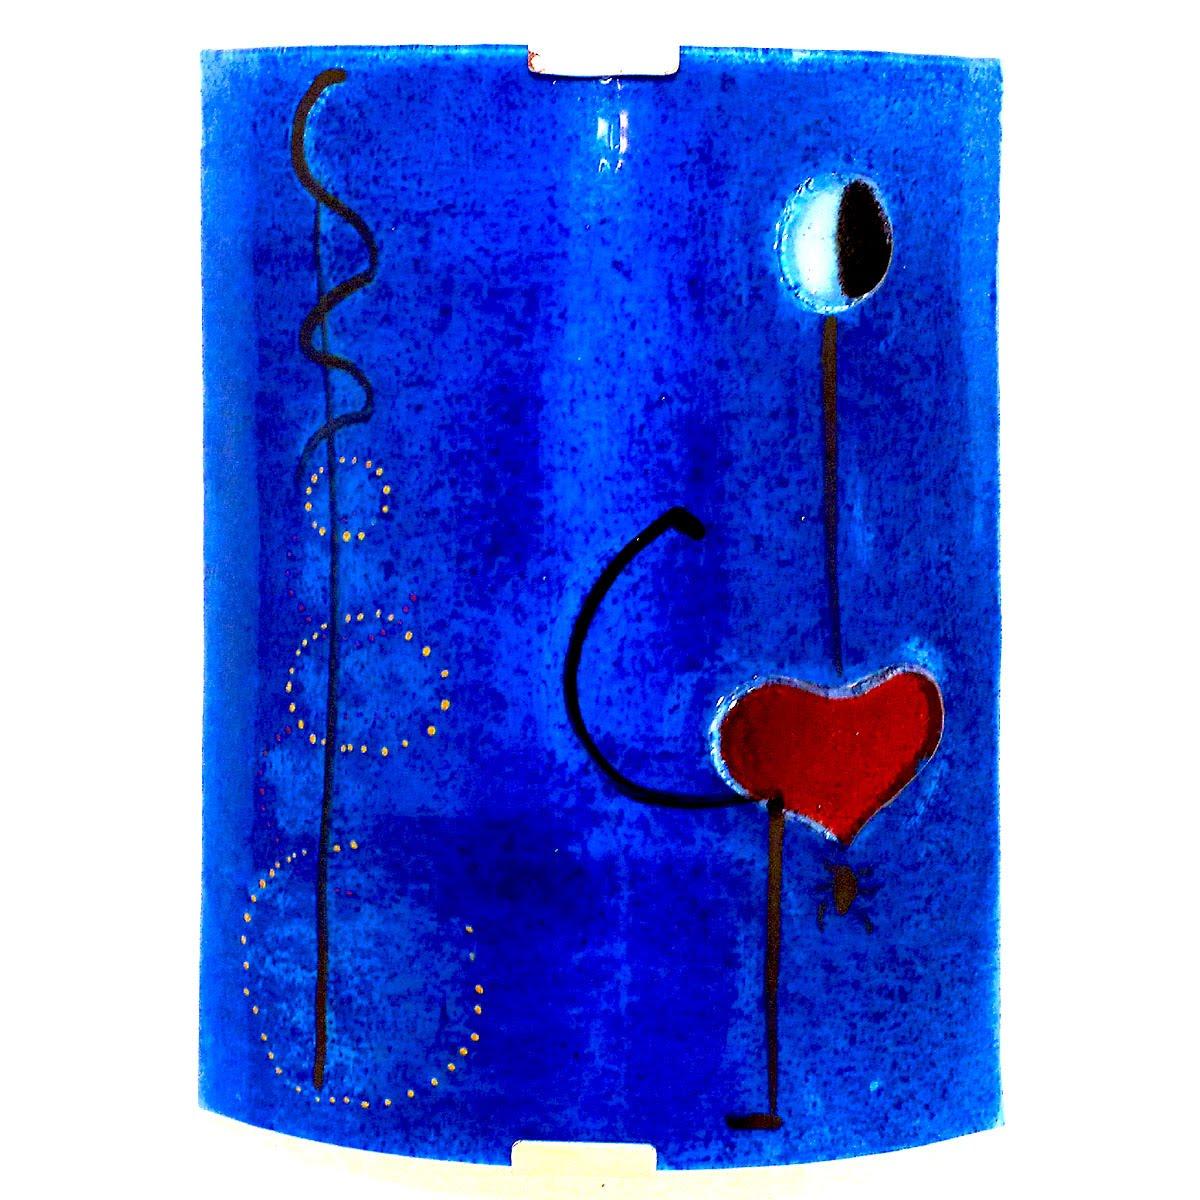 Luminaire applique murale demi cylindre bleu cobalt motif la danseuse de miro 7